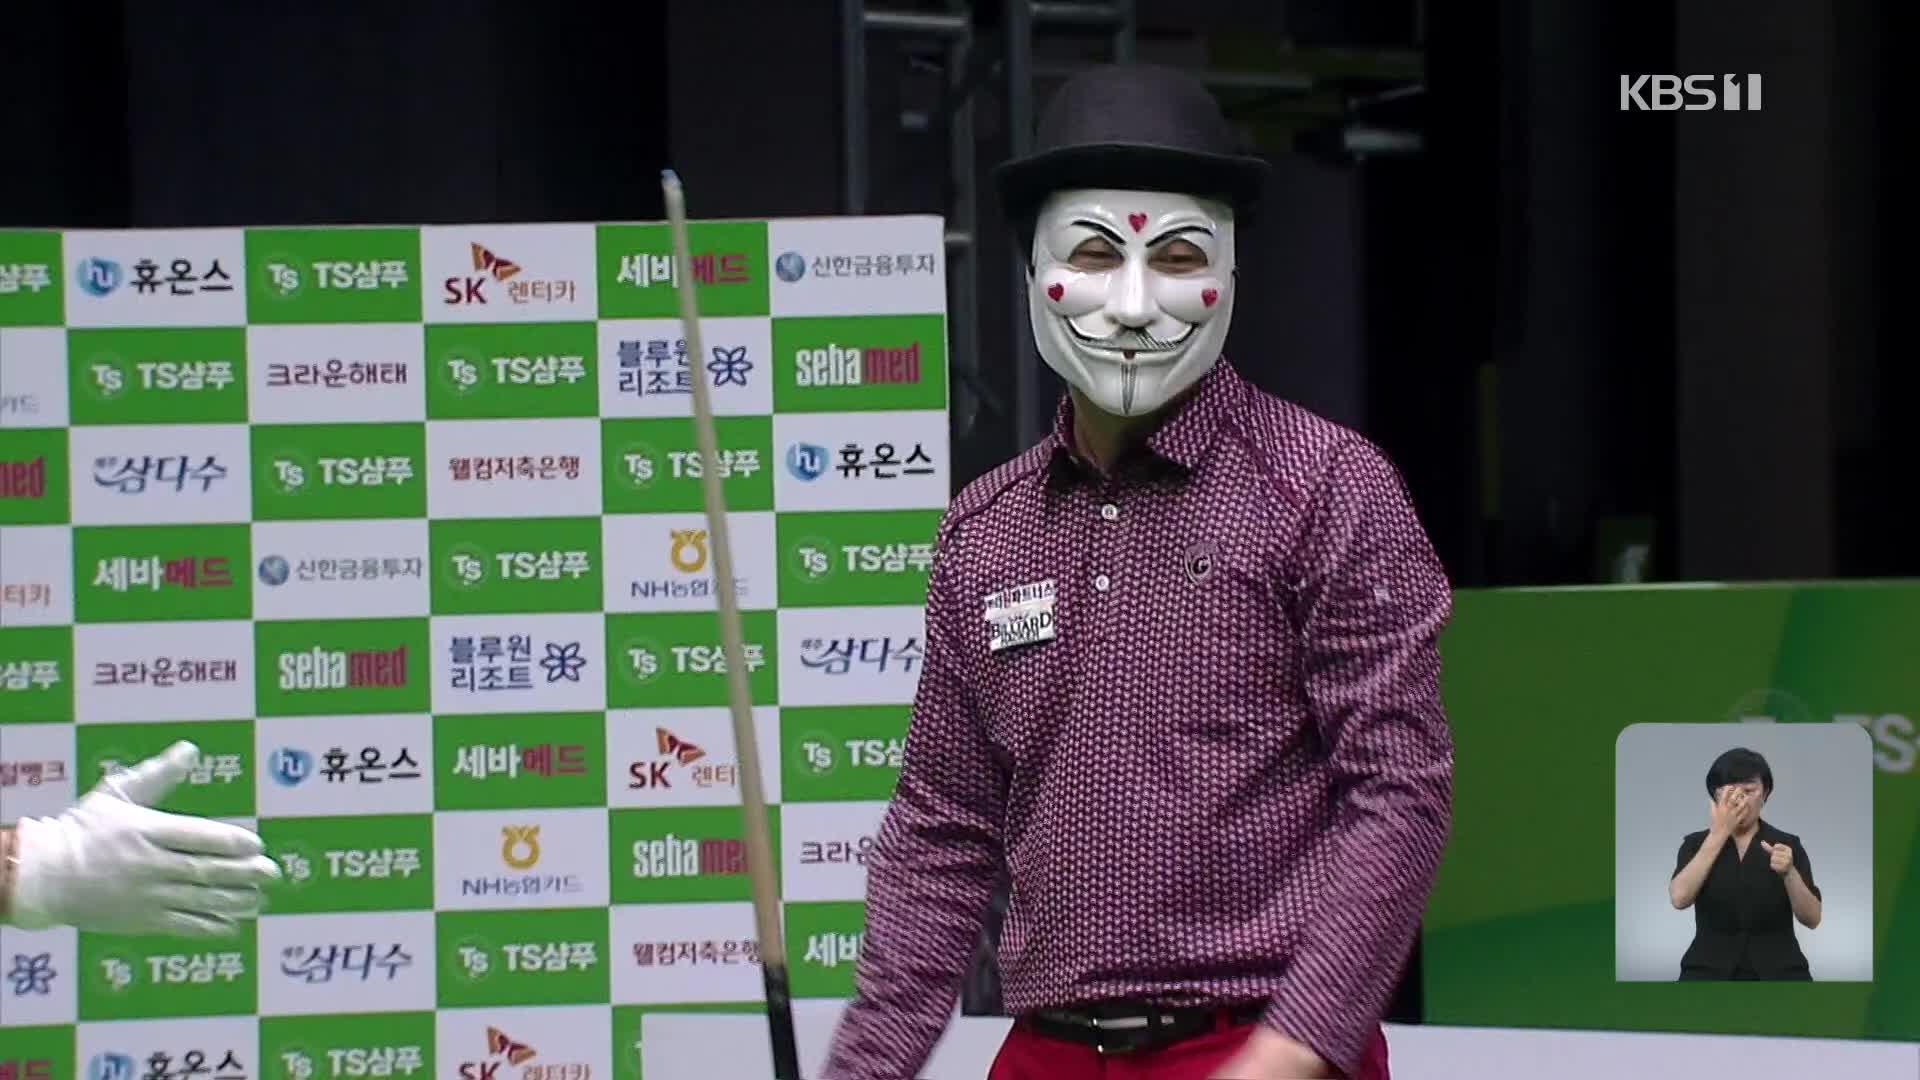 '3쿠션 세계 최강' 쿠드롱, 가면 방송인에게 덜미 잡히다